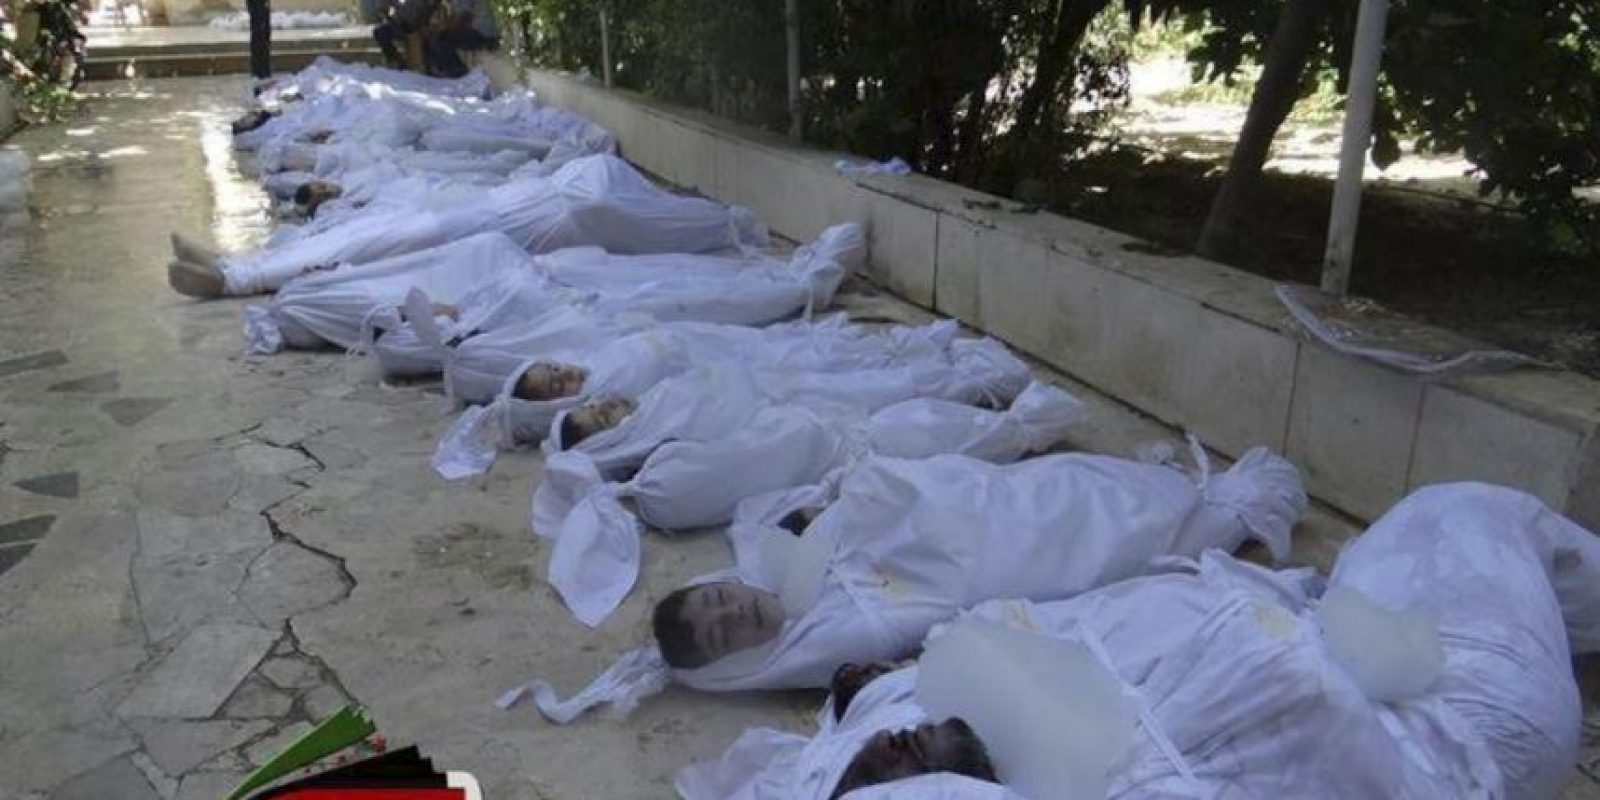 Fotografía facilitada por el Comité Local de Arbeen que muestra los cuerpos sin vida de varios sirios tras un supuesto ataque con gases tóxicos perpetrado por las fuerzas de seguridad sirias en Arbeen a las afueras de Damasco (Siria) antes de ayer. EFE